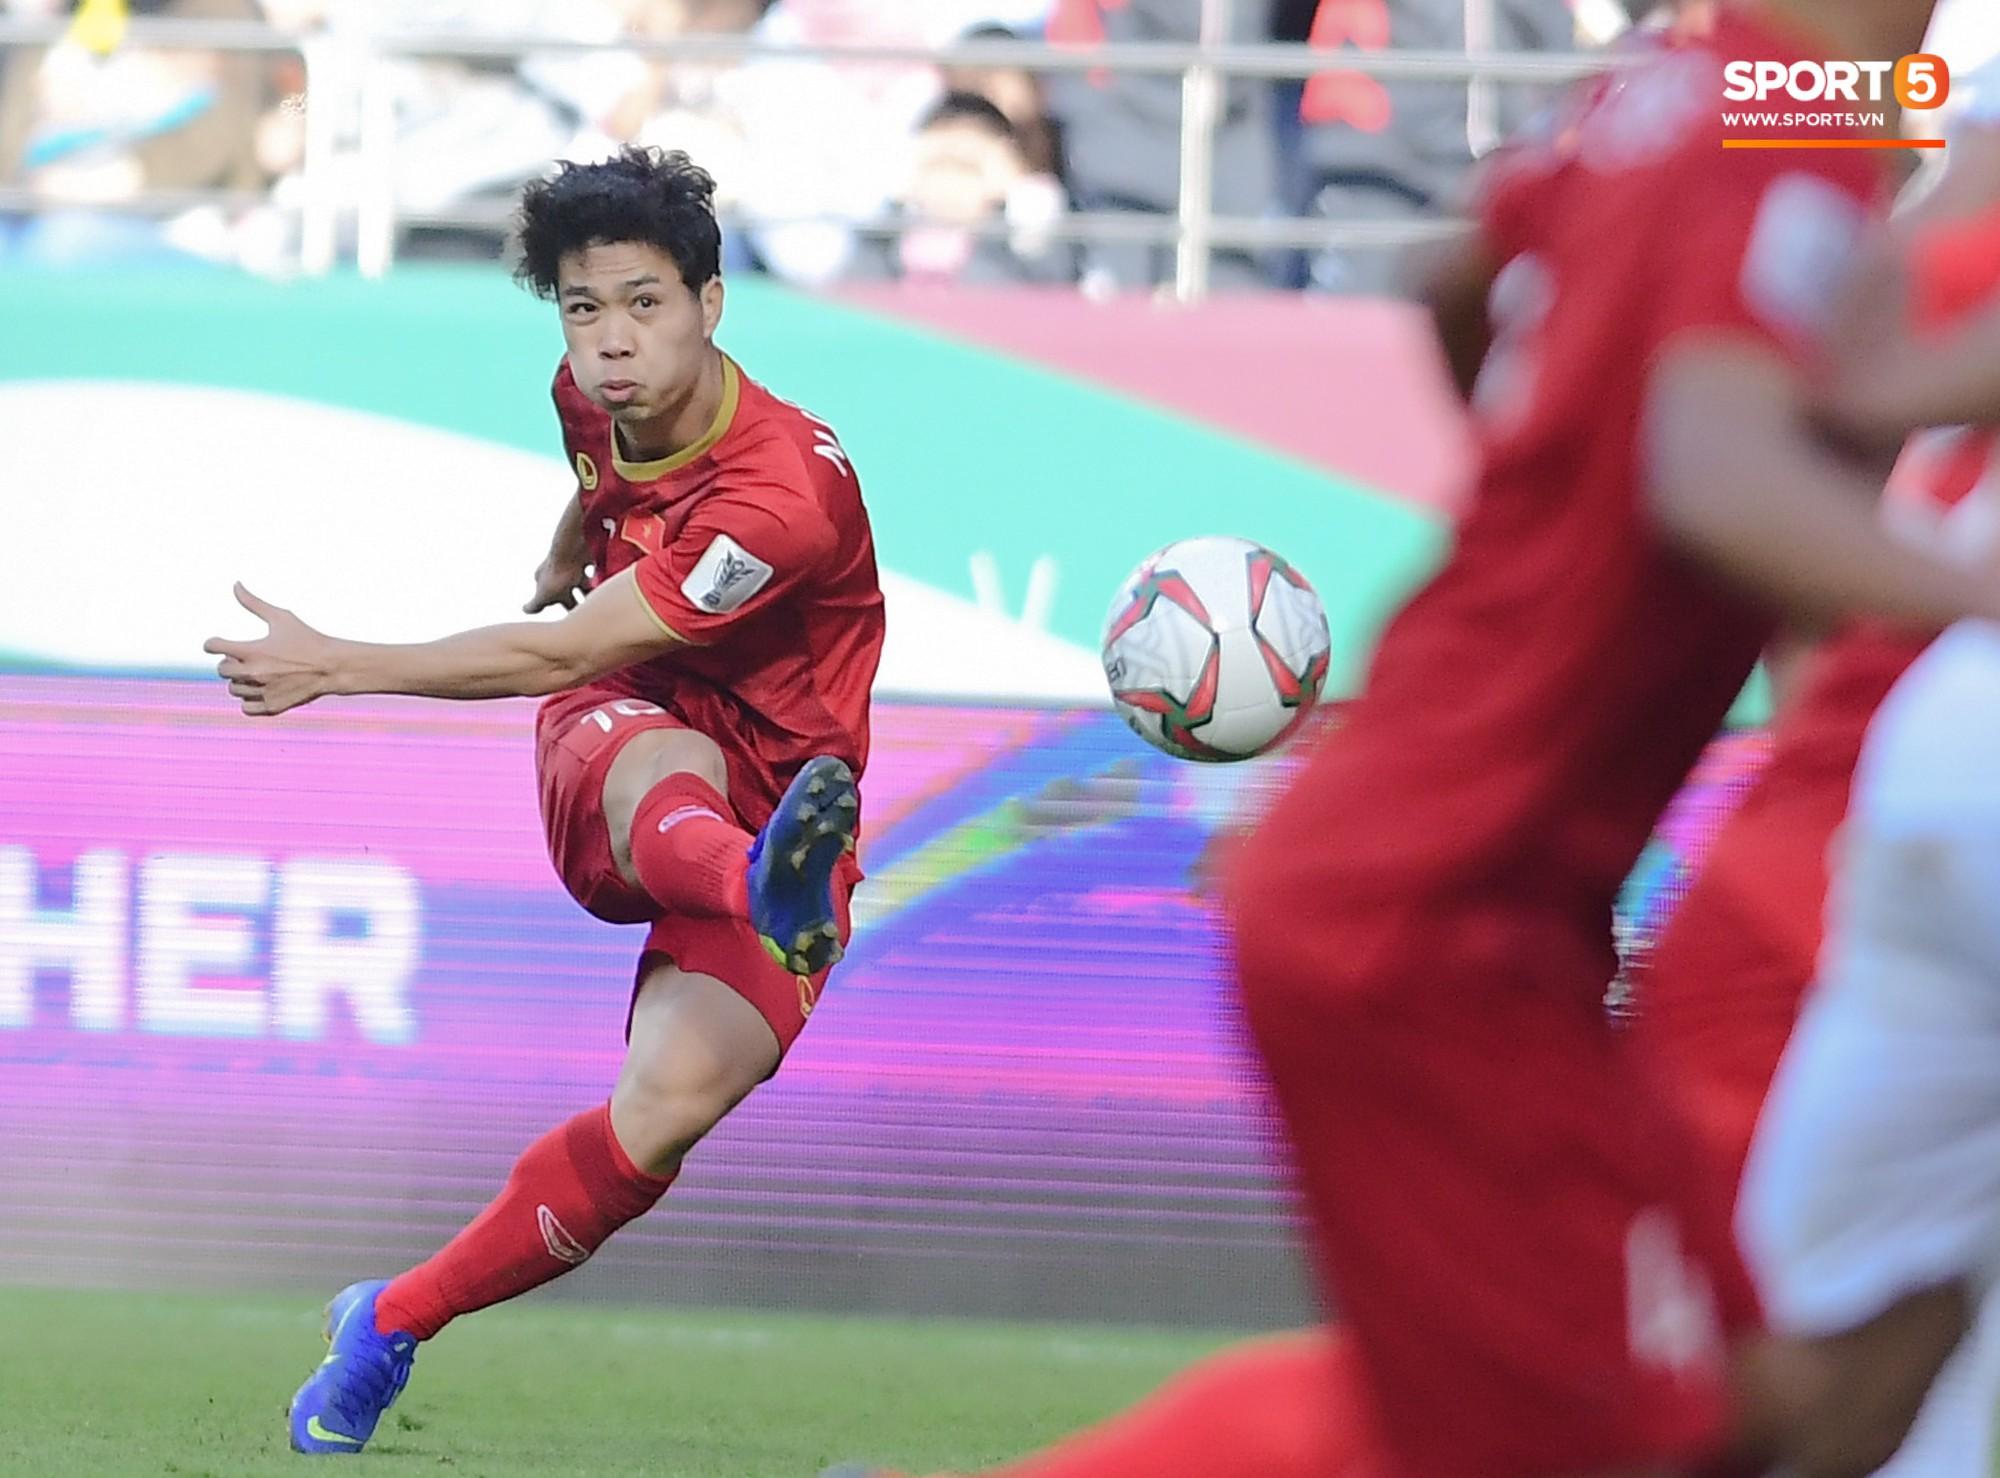 Việt Nam vs Nhật Bản: Ngày Công Phượng chứng minh mình có thể làm tốt hơn việc phát tờ rơi - Ảnh 3.